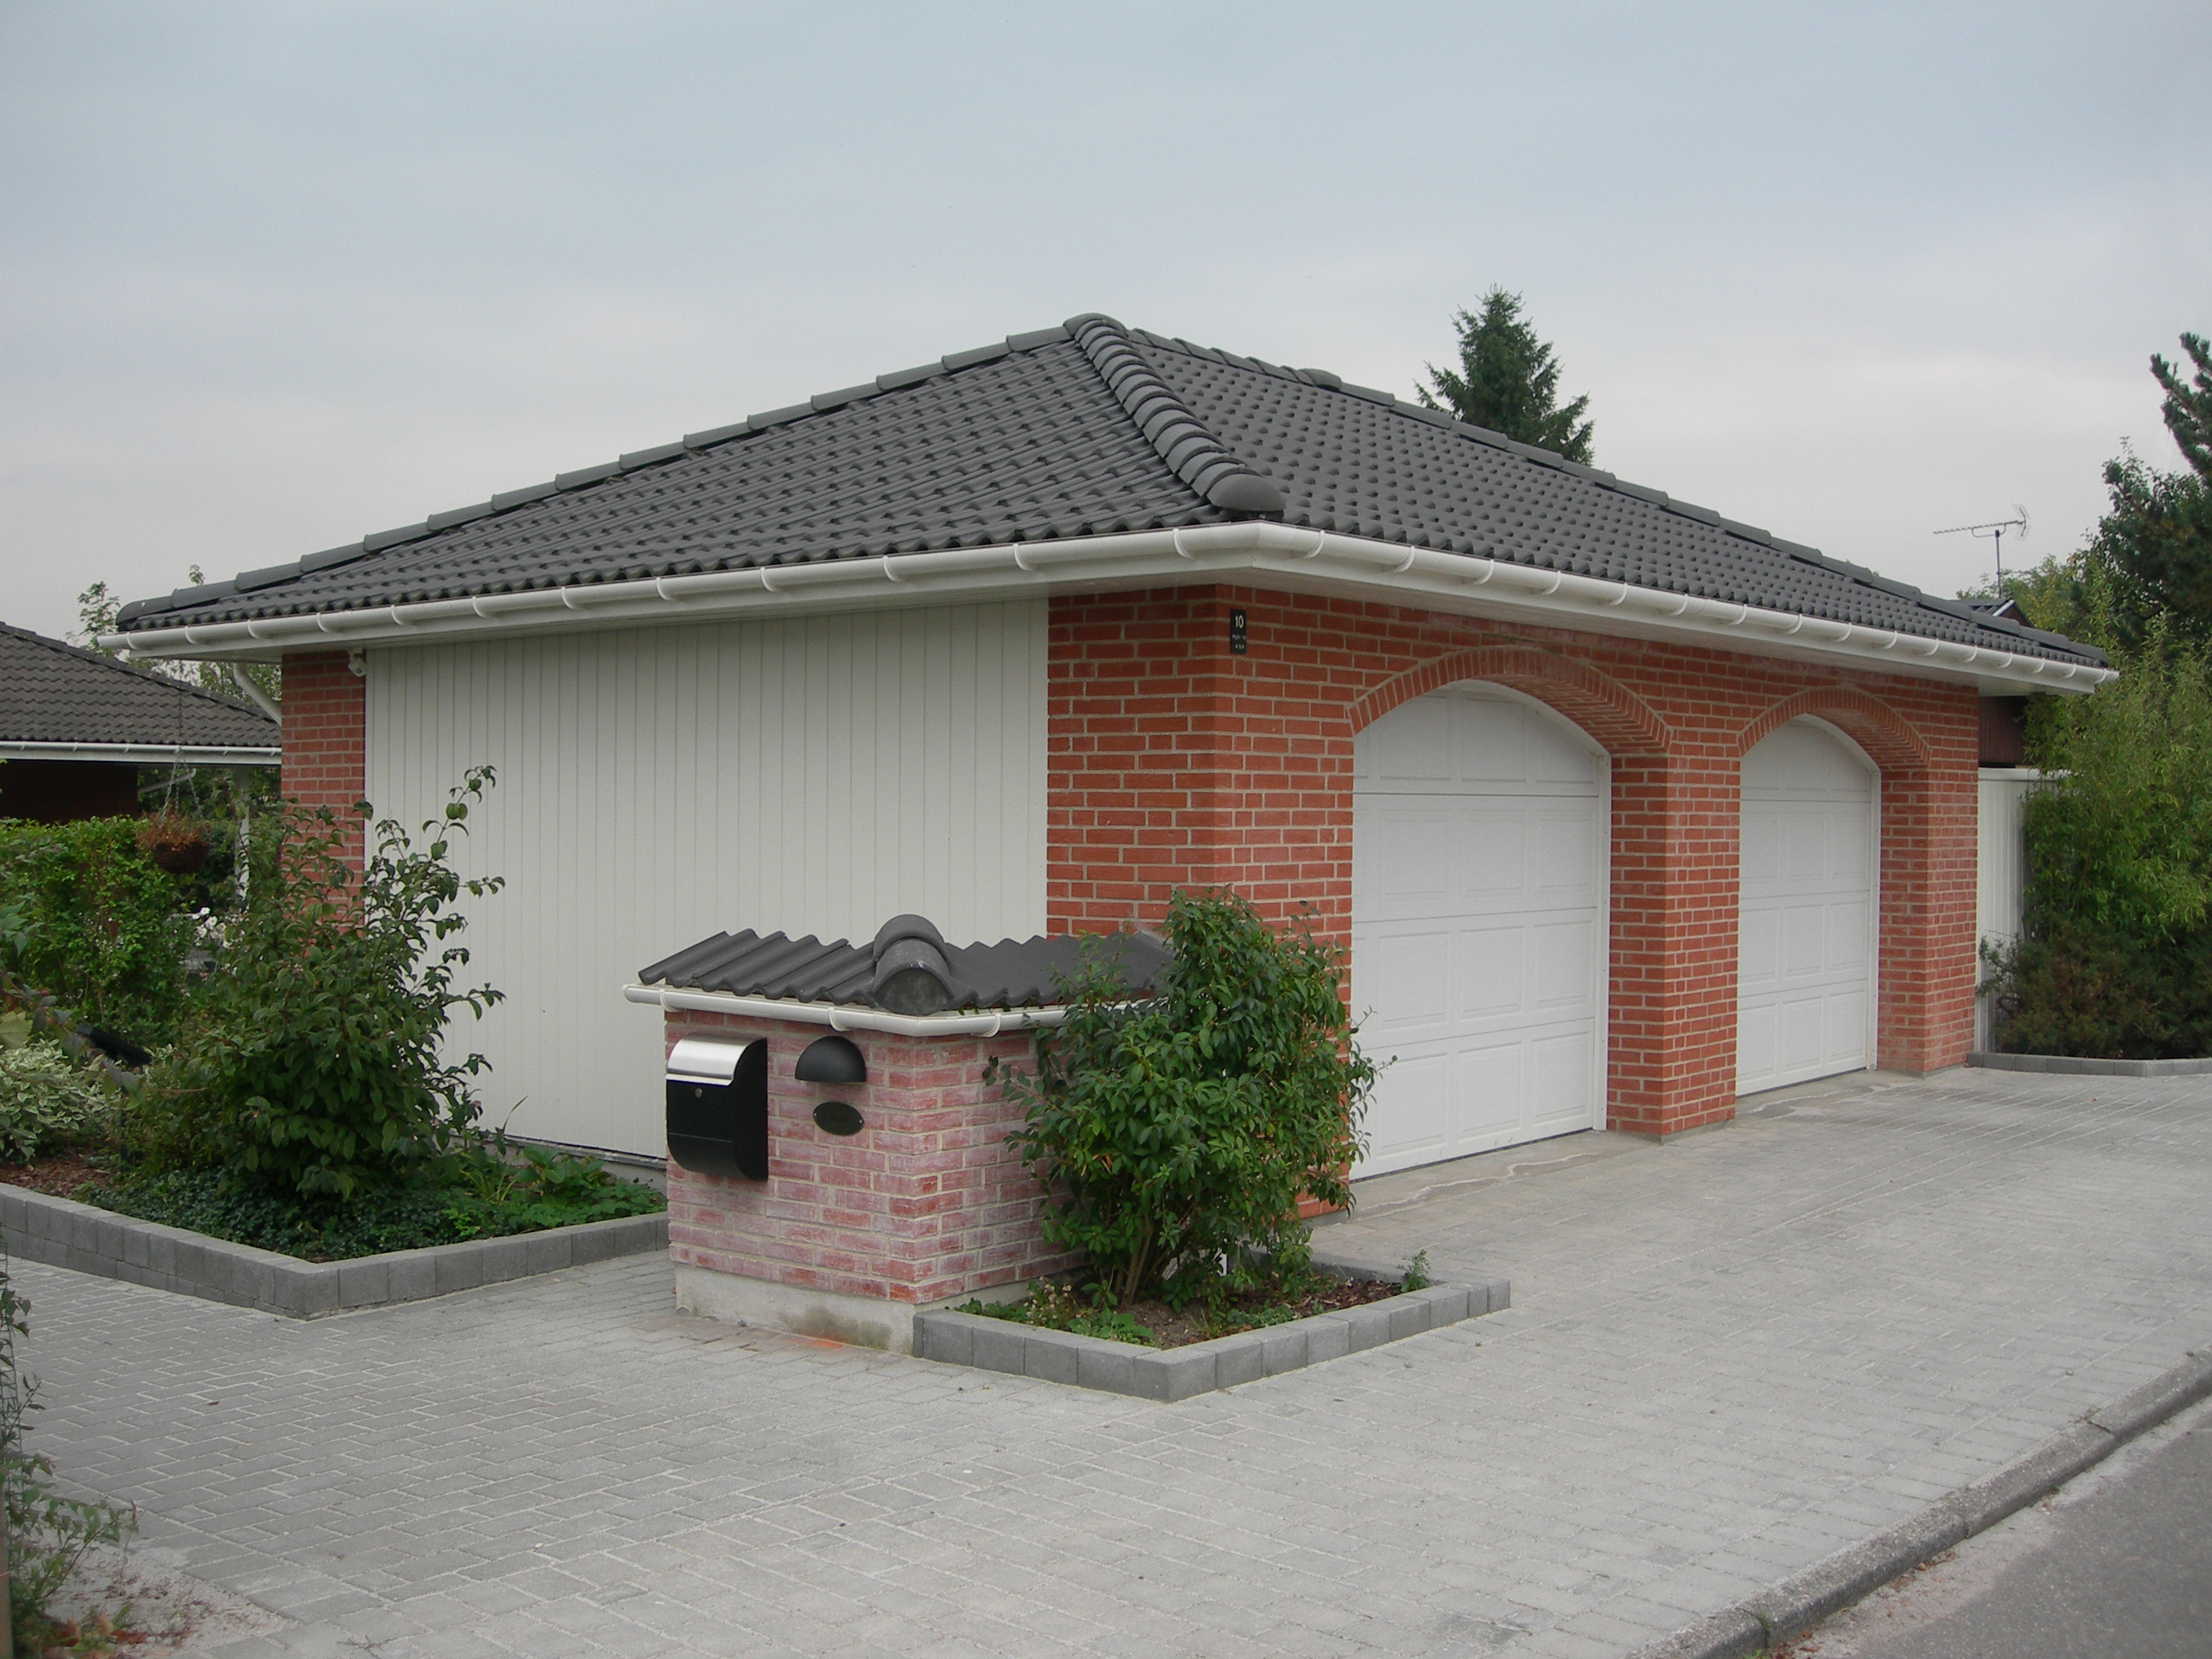 Garage - Valm - Dobbeltport